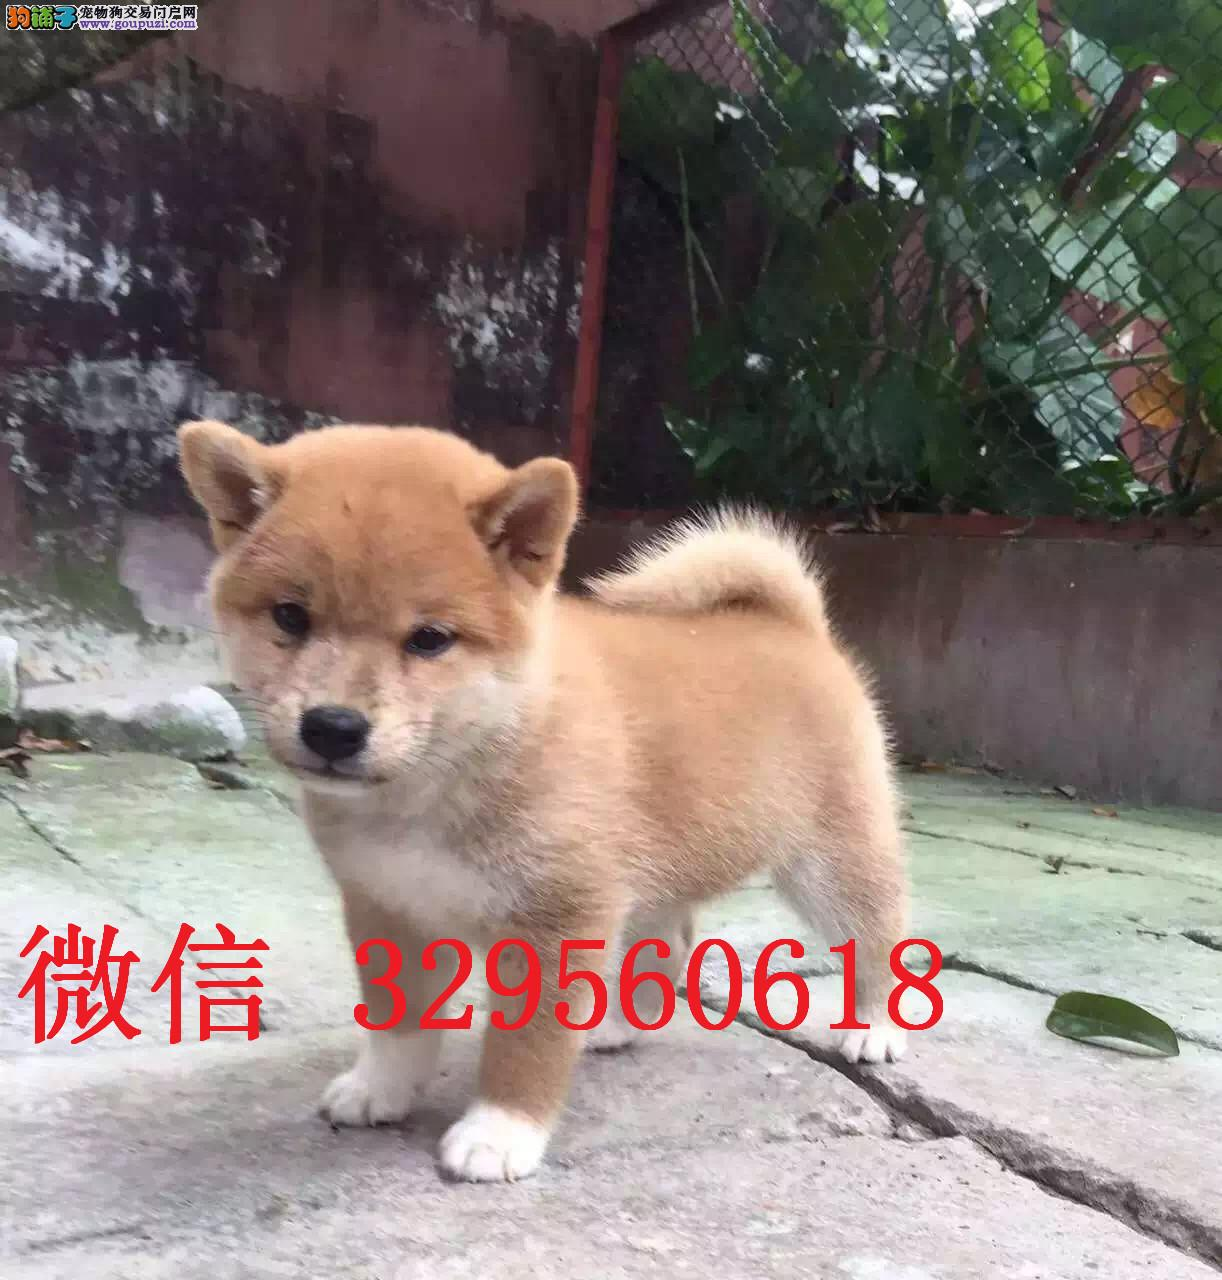 济南哪里有卖柴犬的 纯种柴犬多少钱 日系柴犬出售